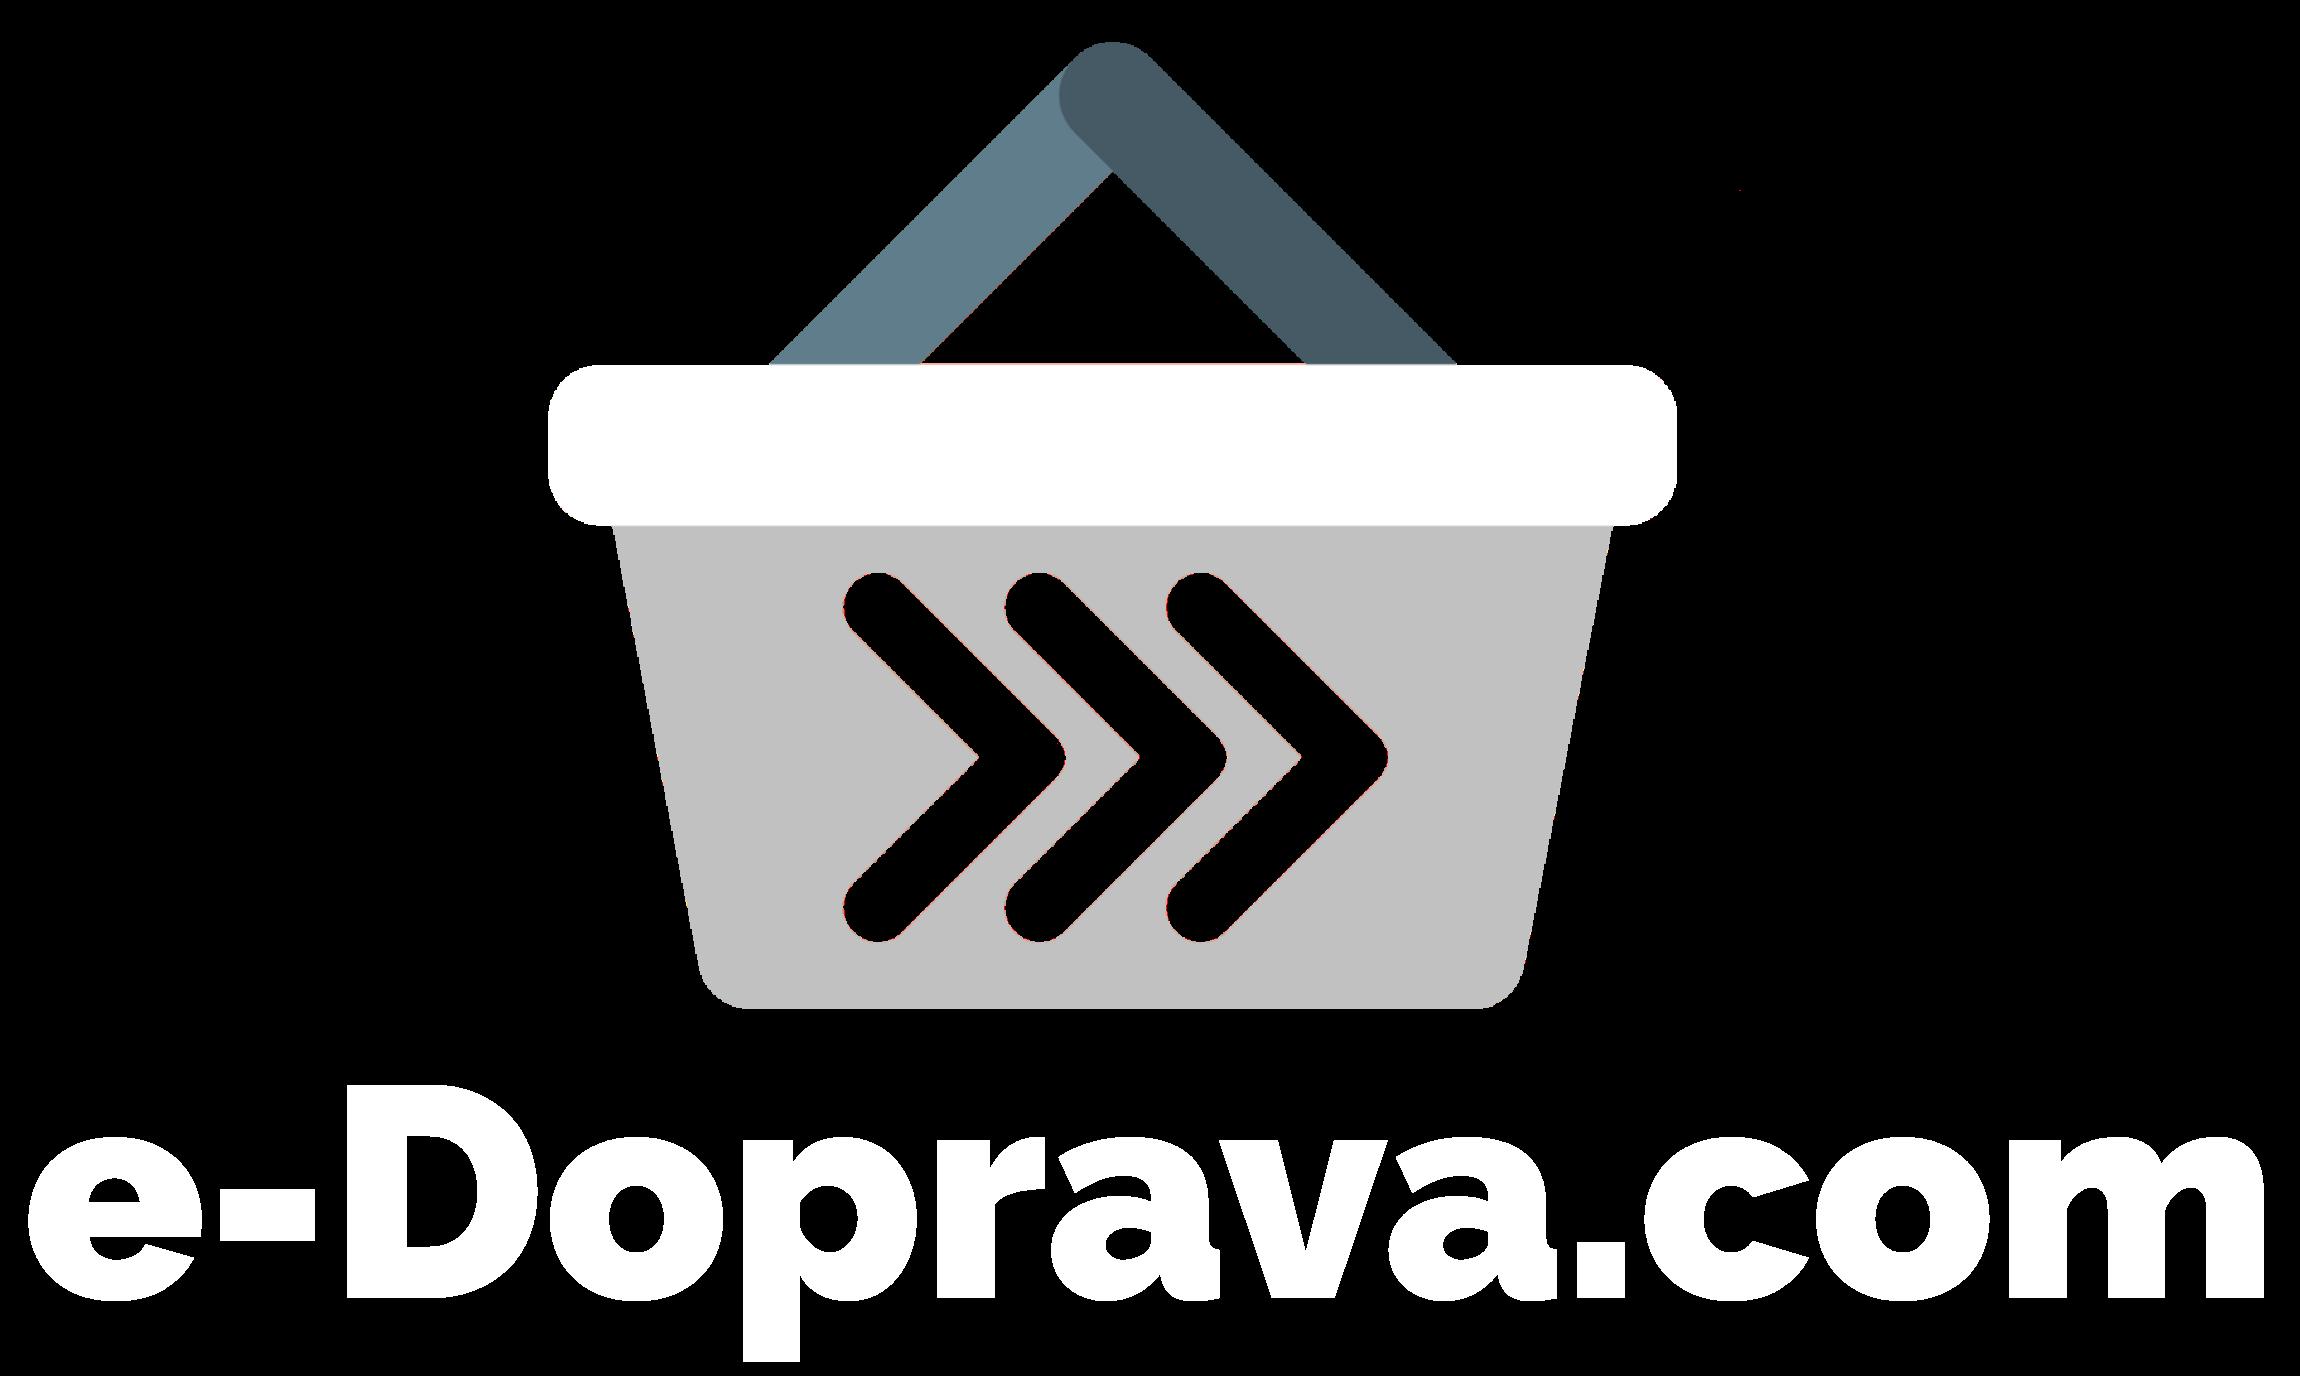 e-Doprava.com